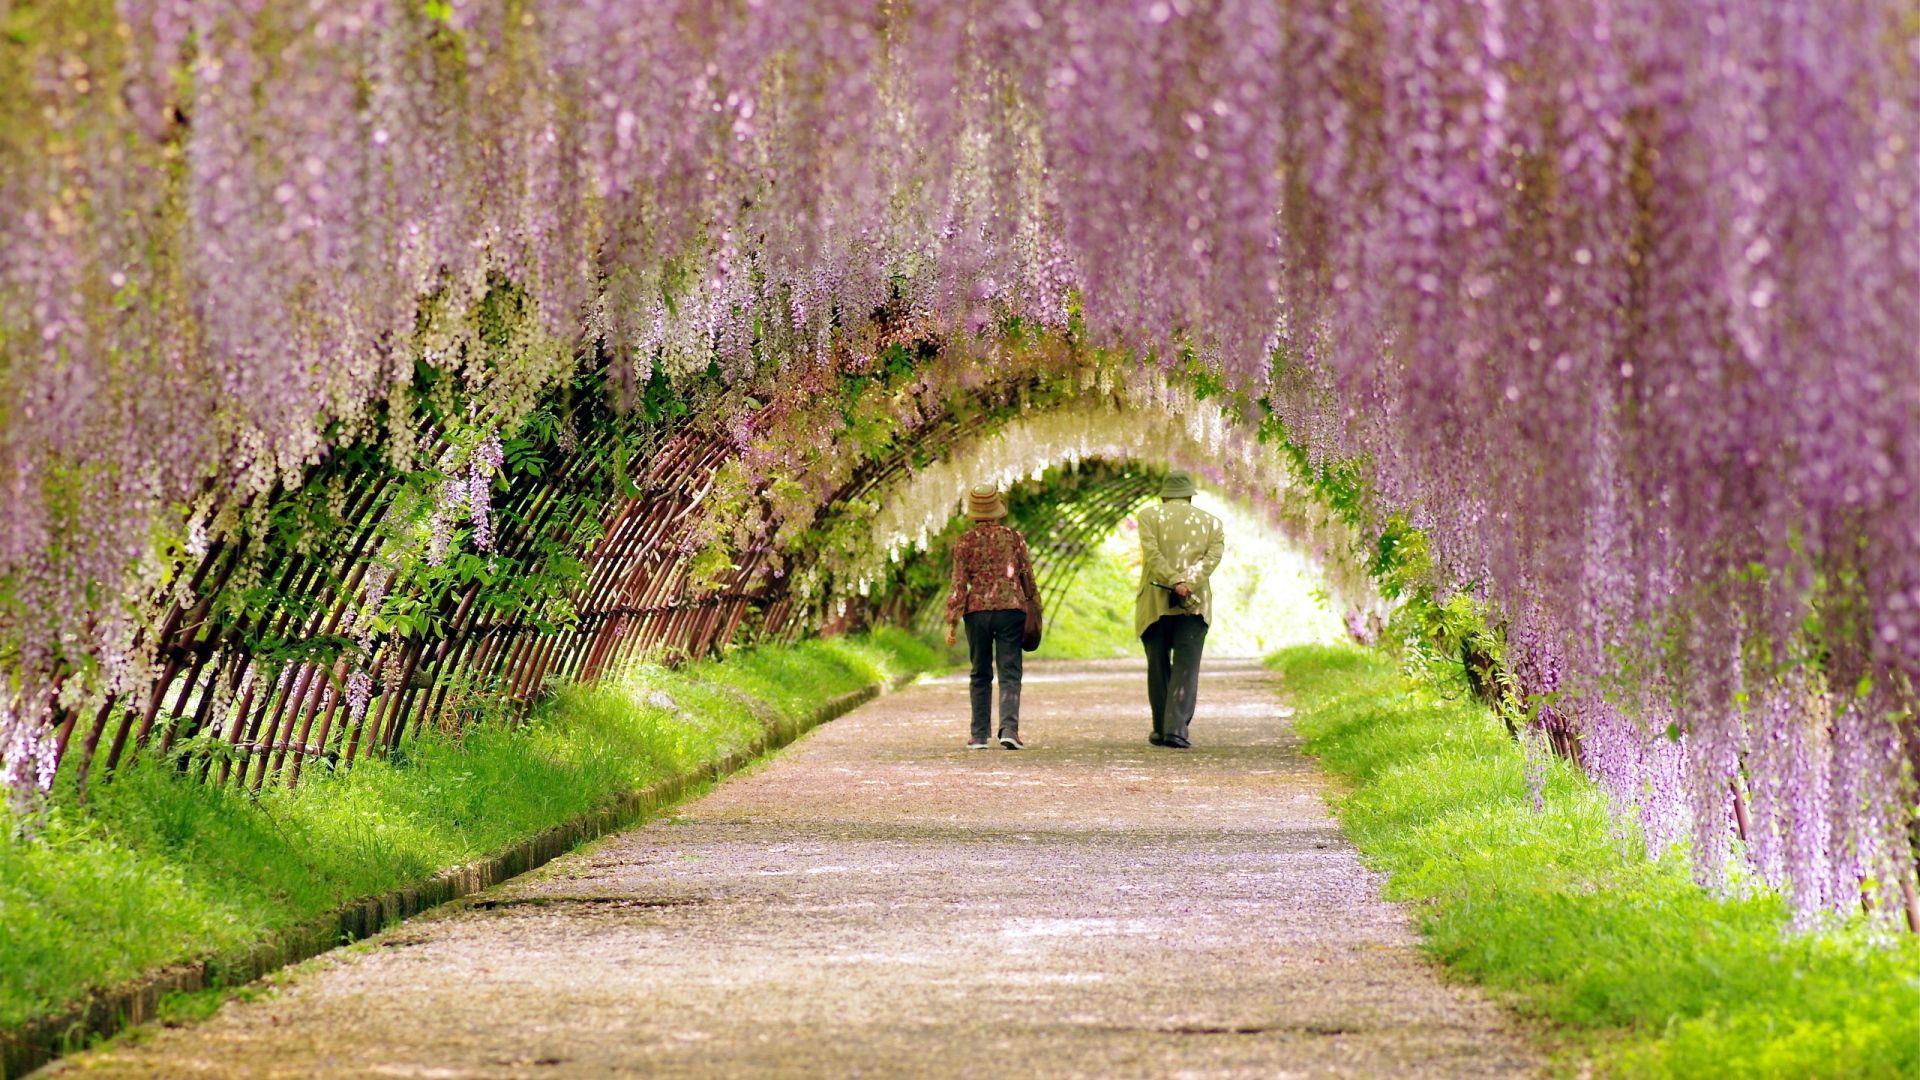 Best Wallpaper High Resolution Garden - 5e510109e0ef1d870a6f71d9a290ffec  Graphic_605219.jpg